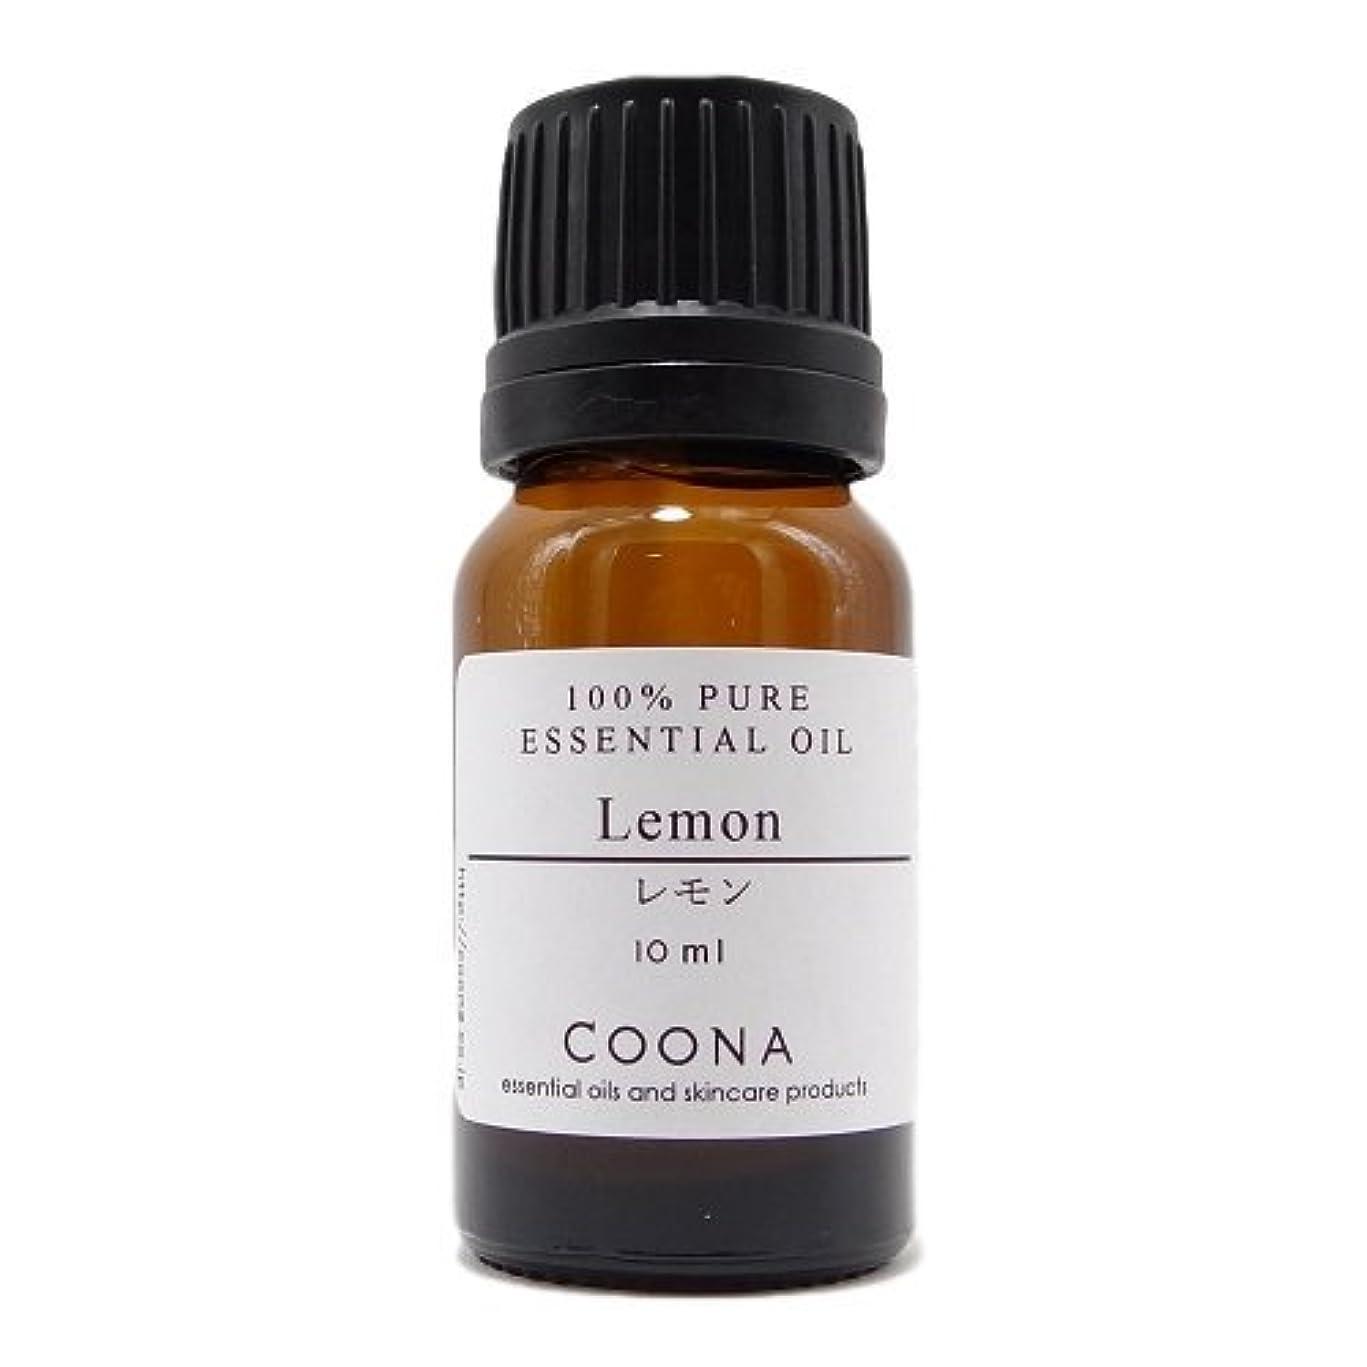 異議速記リハーサルレモン 10ml (COONA エッセンシャルオイル アロマオイル 100%天然植物精油)